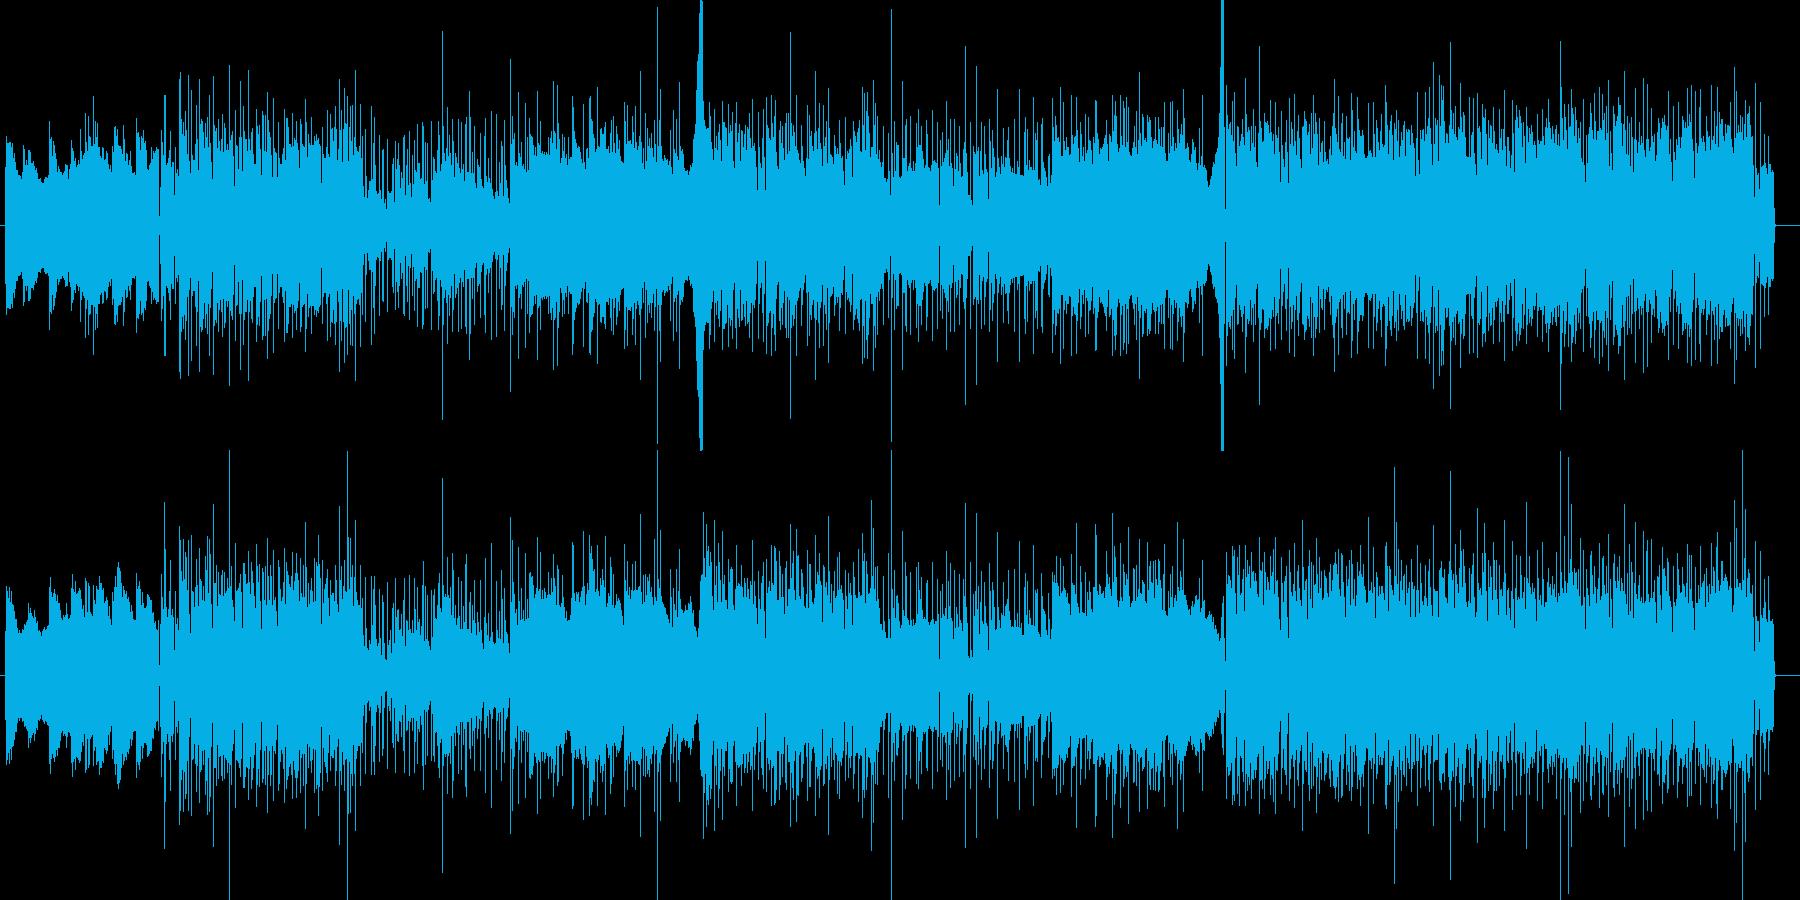 大人な雰囲気のアシッドジャズの再生済みの波形